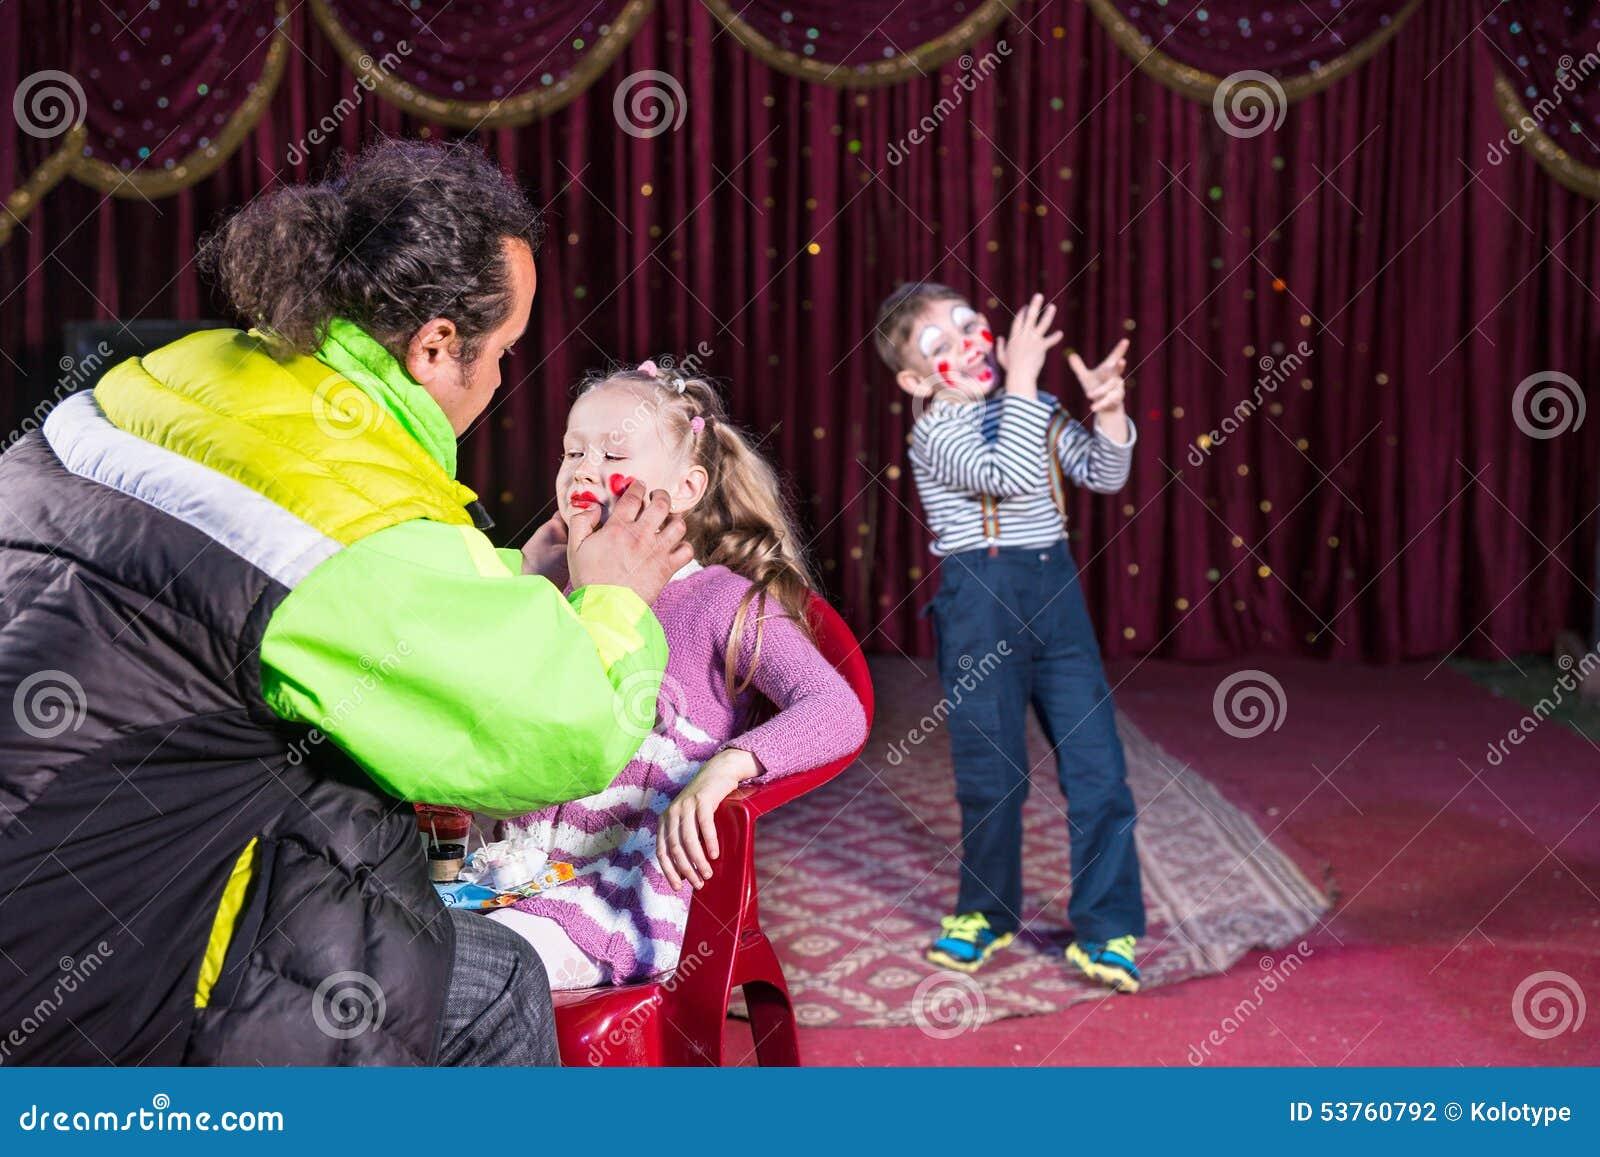 Να ισχύσει ατόμων αποτελεί στο πρόσωπο του κοριτσιού στη σκηνή